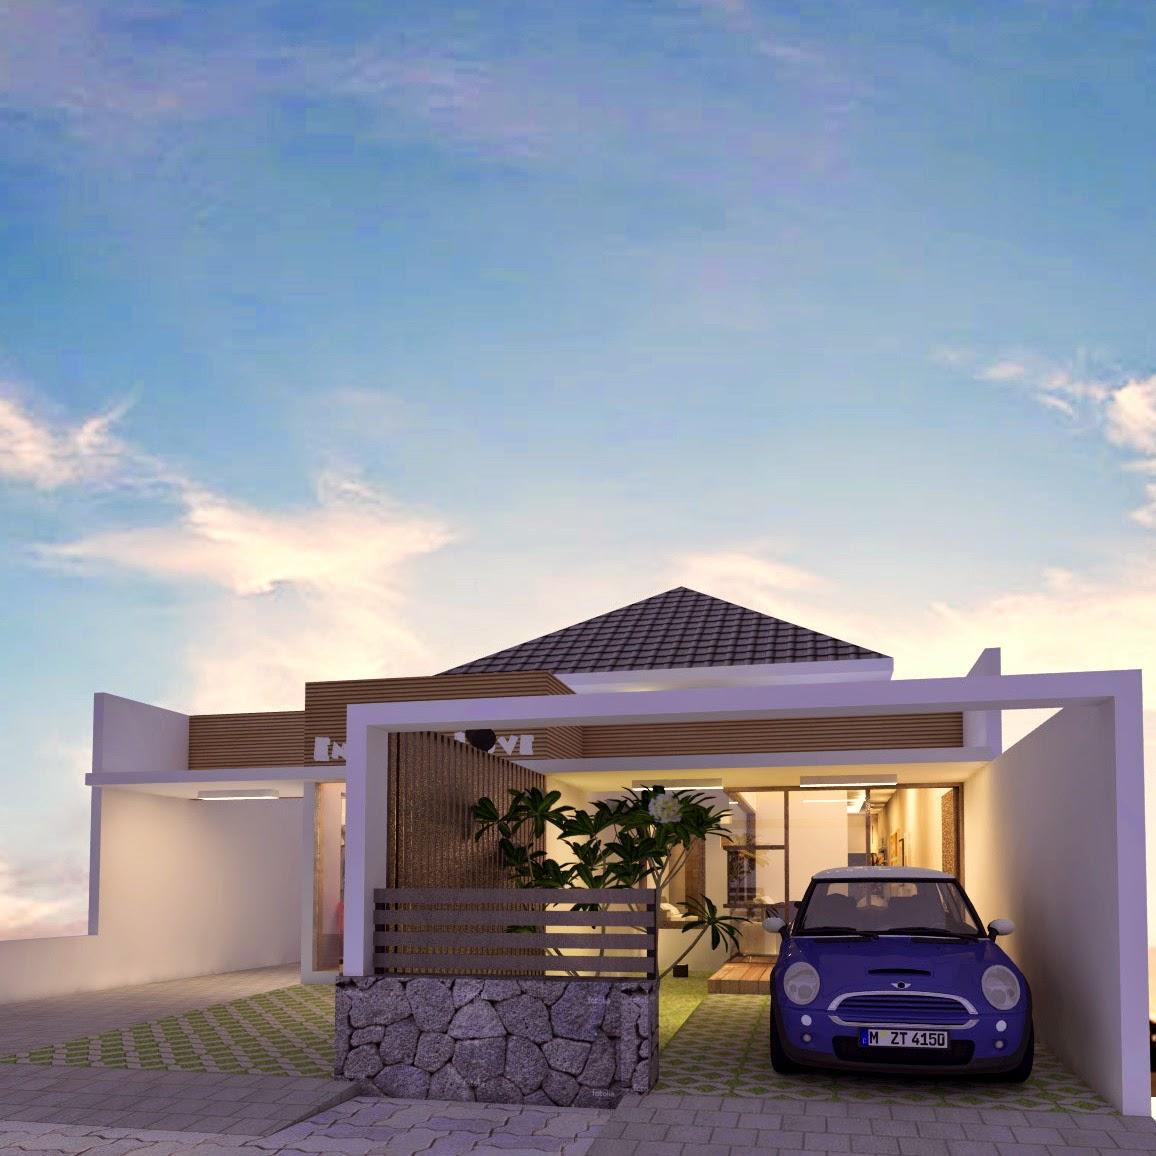 A Rumah Usaha Dengan Interior Bergaya Vintage 8x24 M Desain Siap